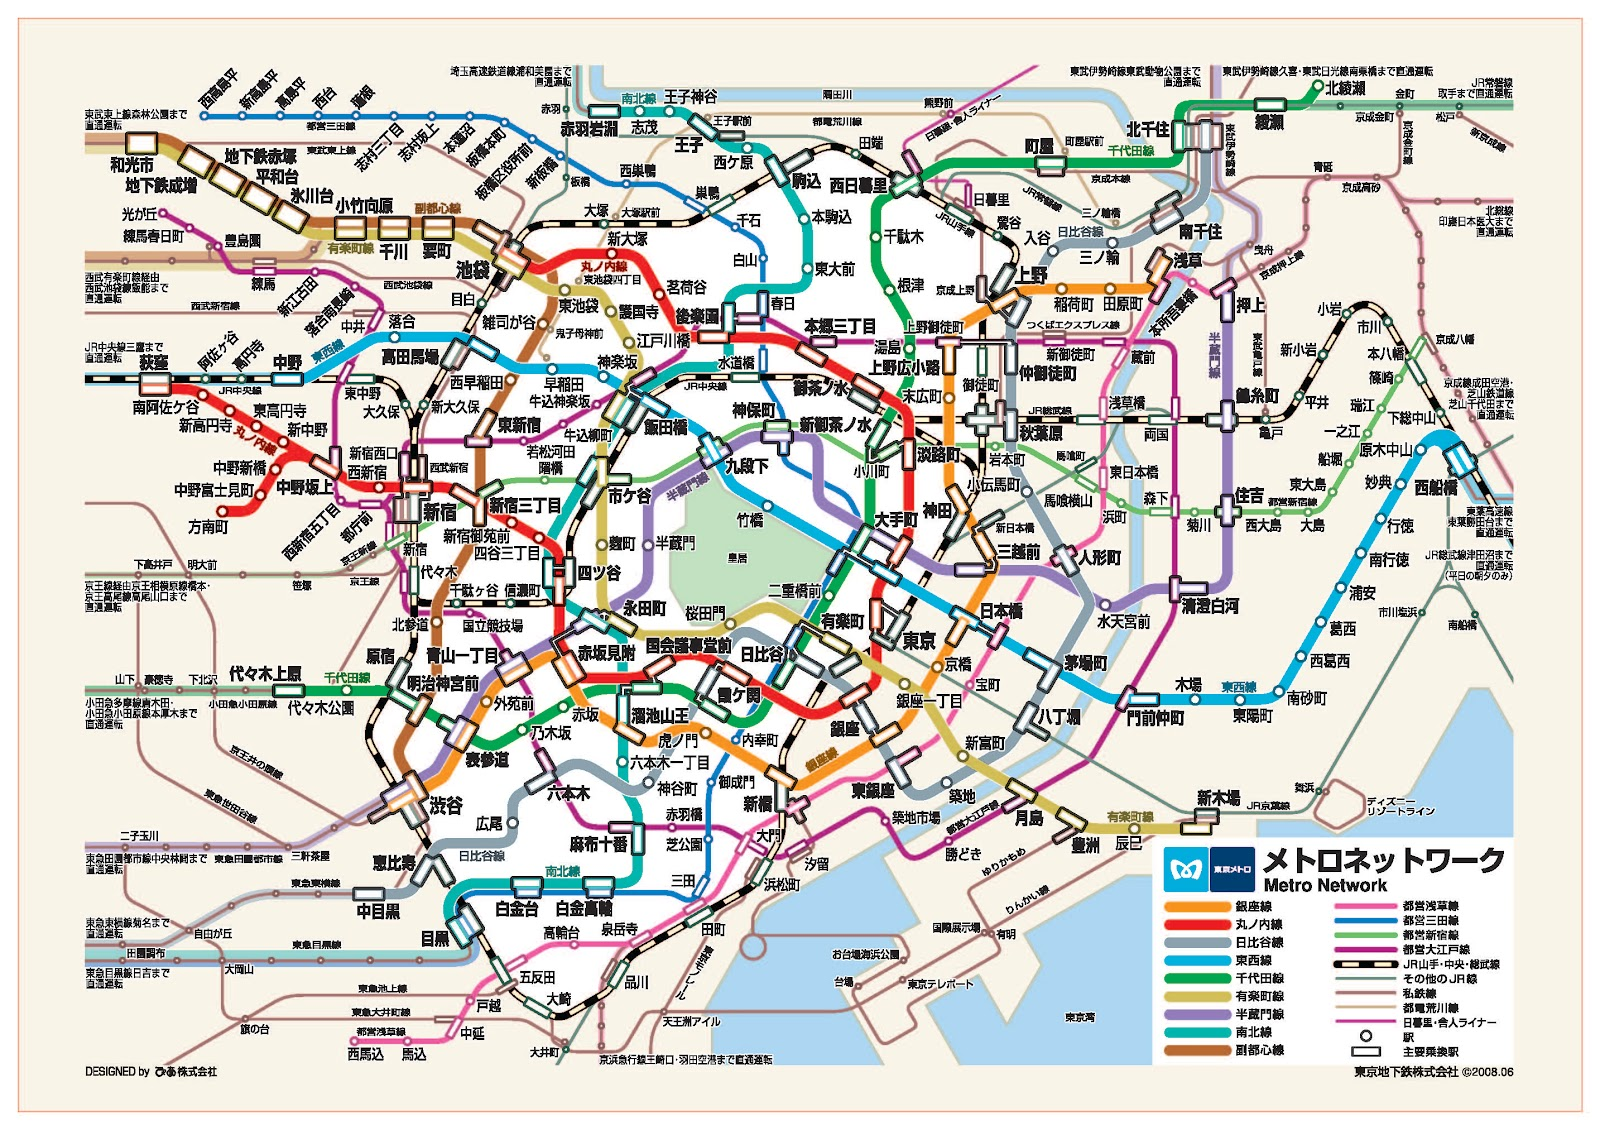 腦內旅行。: 超級好用!東京旅遊必備地鐵圖